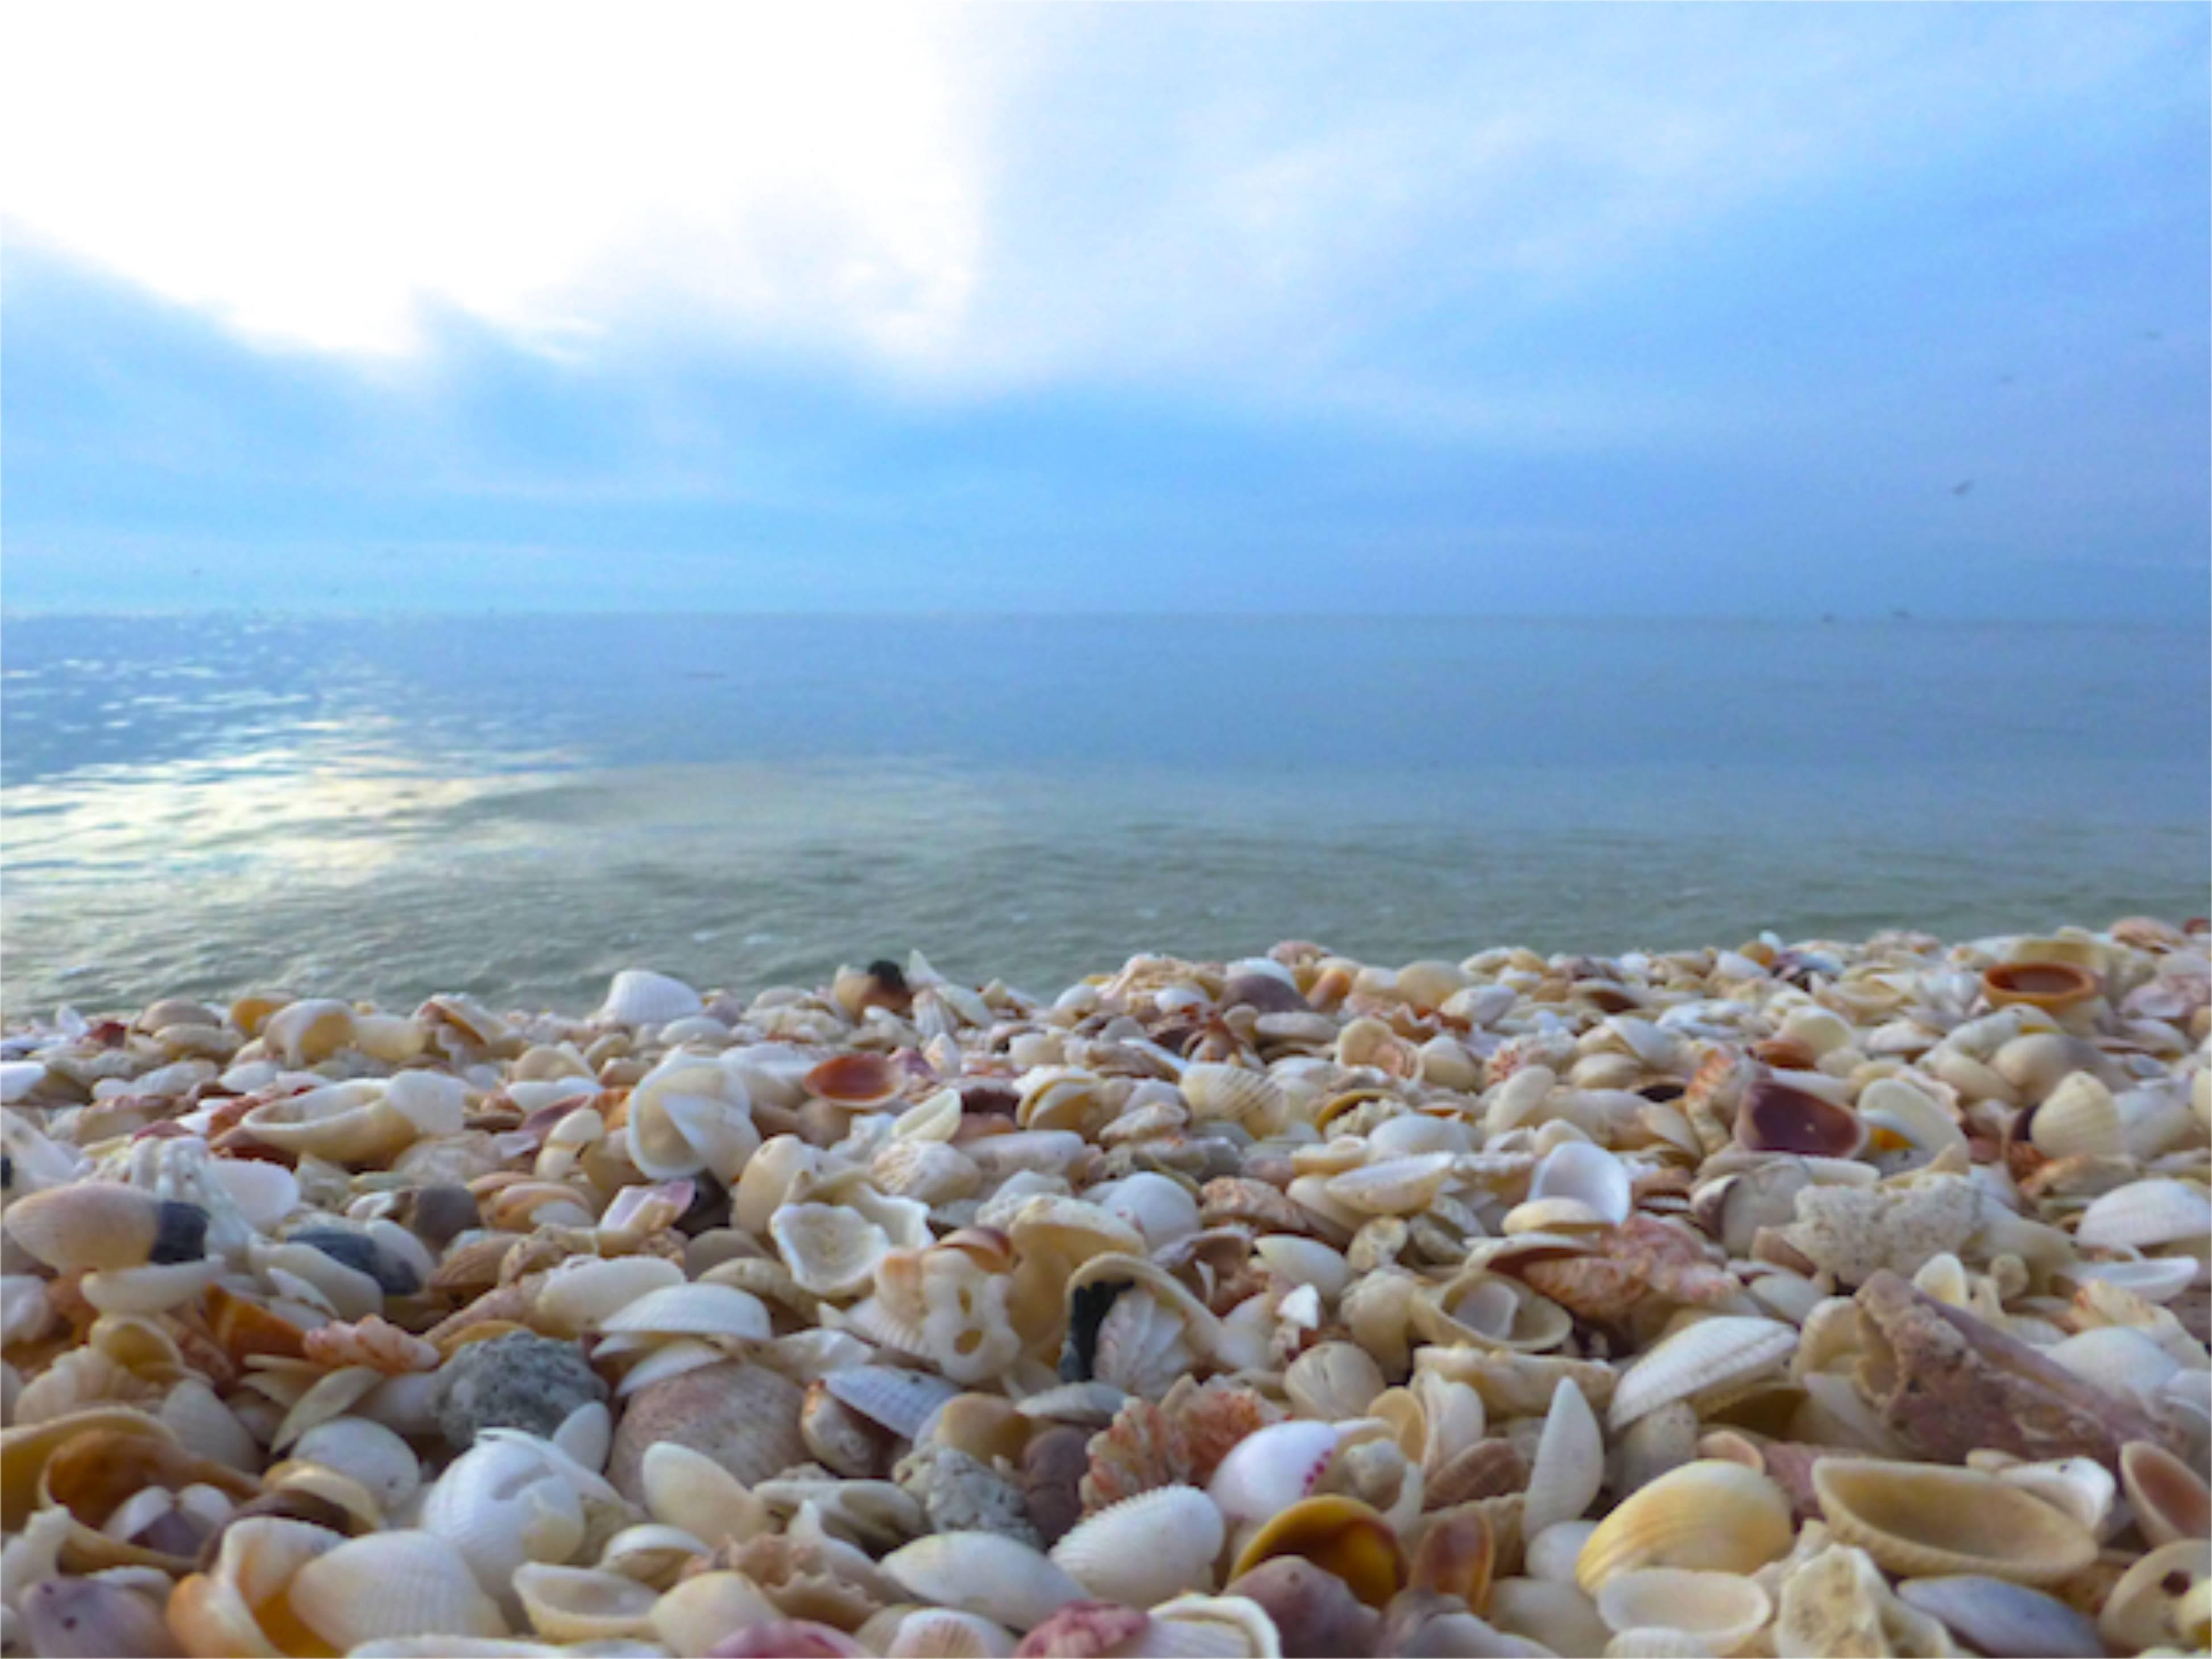 40 Photos Of Sanibel Island, Florida: Thousands Of Exotic